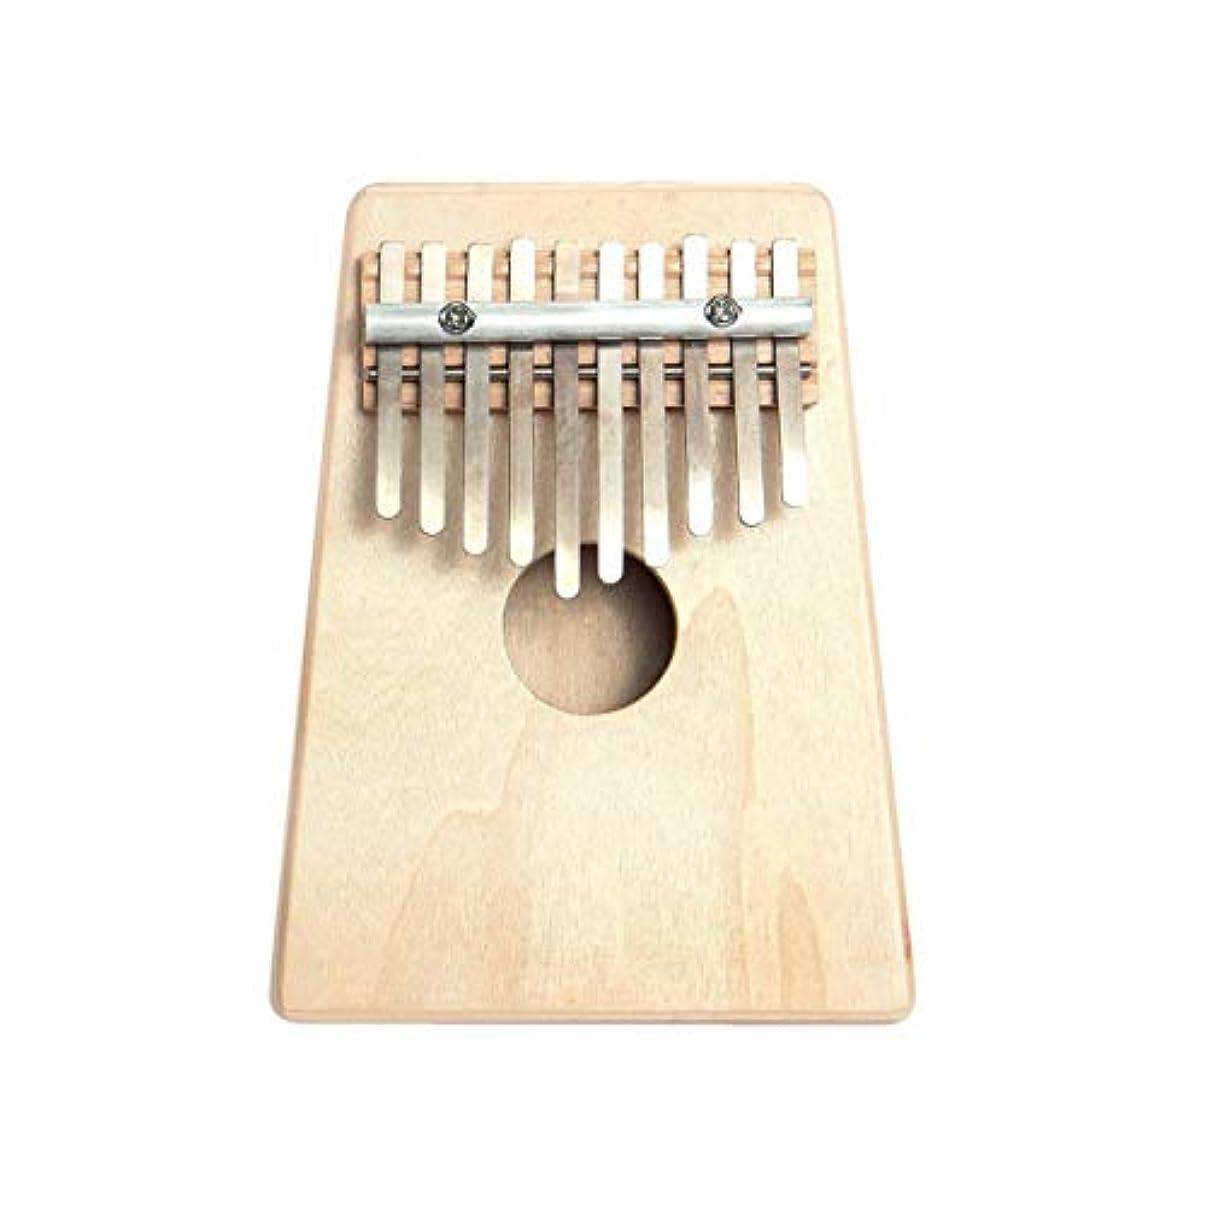 移動北米のどDeeploveUU 10キーフィンガーmbiraカリンバサムピアノパインウッドミニポータブルマリンバパーカッション楽器ギフト初心者用